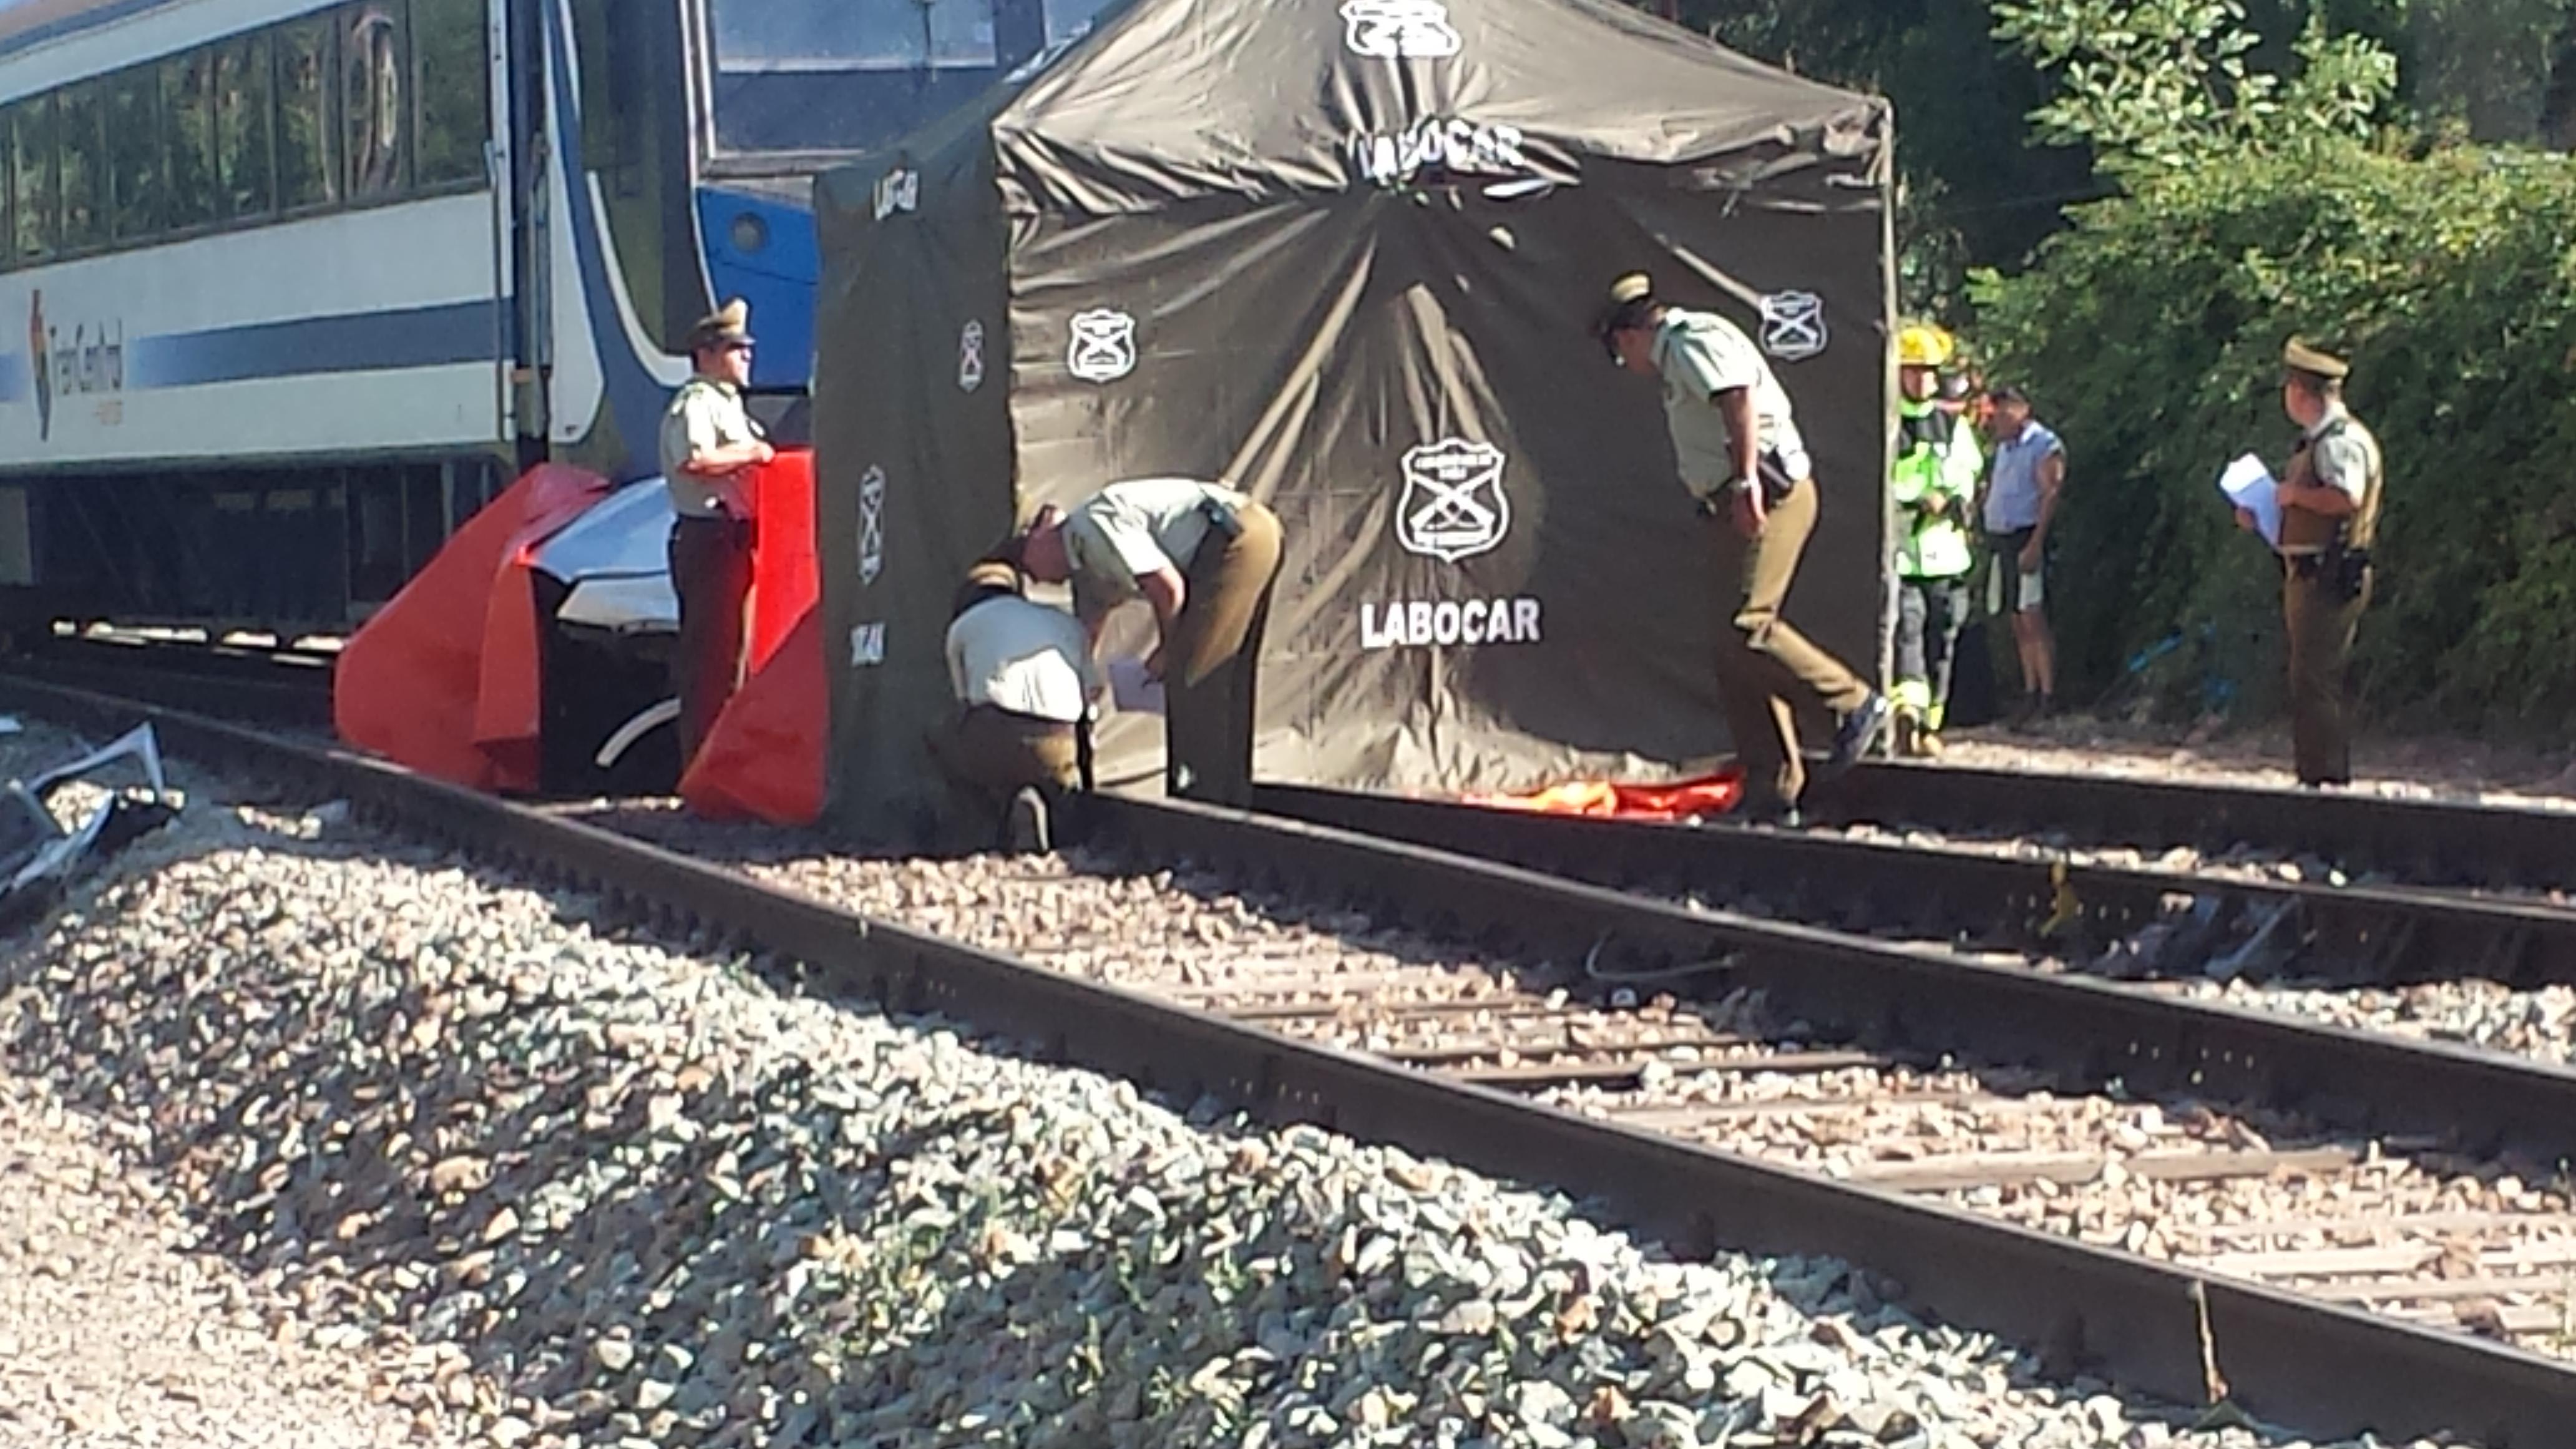 Fotos: Siete muertos y un menor grave fue el saldo de choque de tren con automóvil en línea férrea frente a San Javier